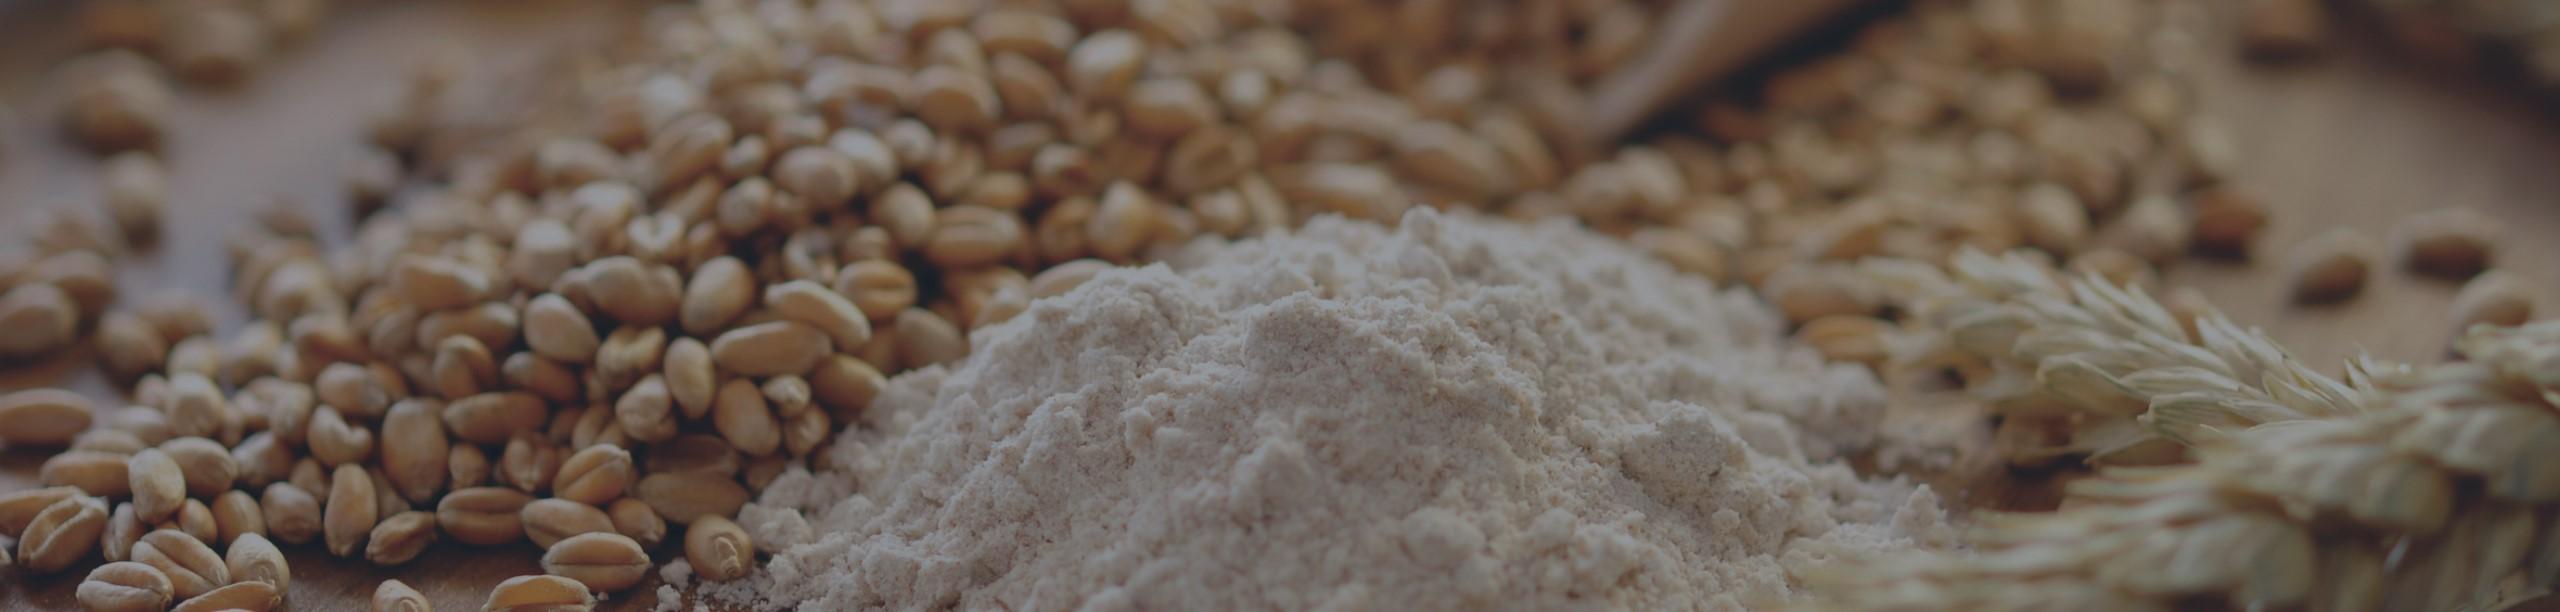 Grains1-8